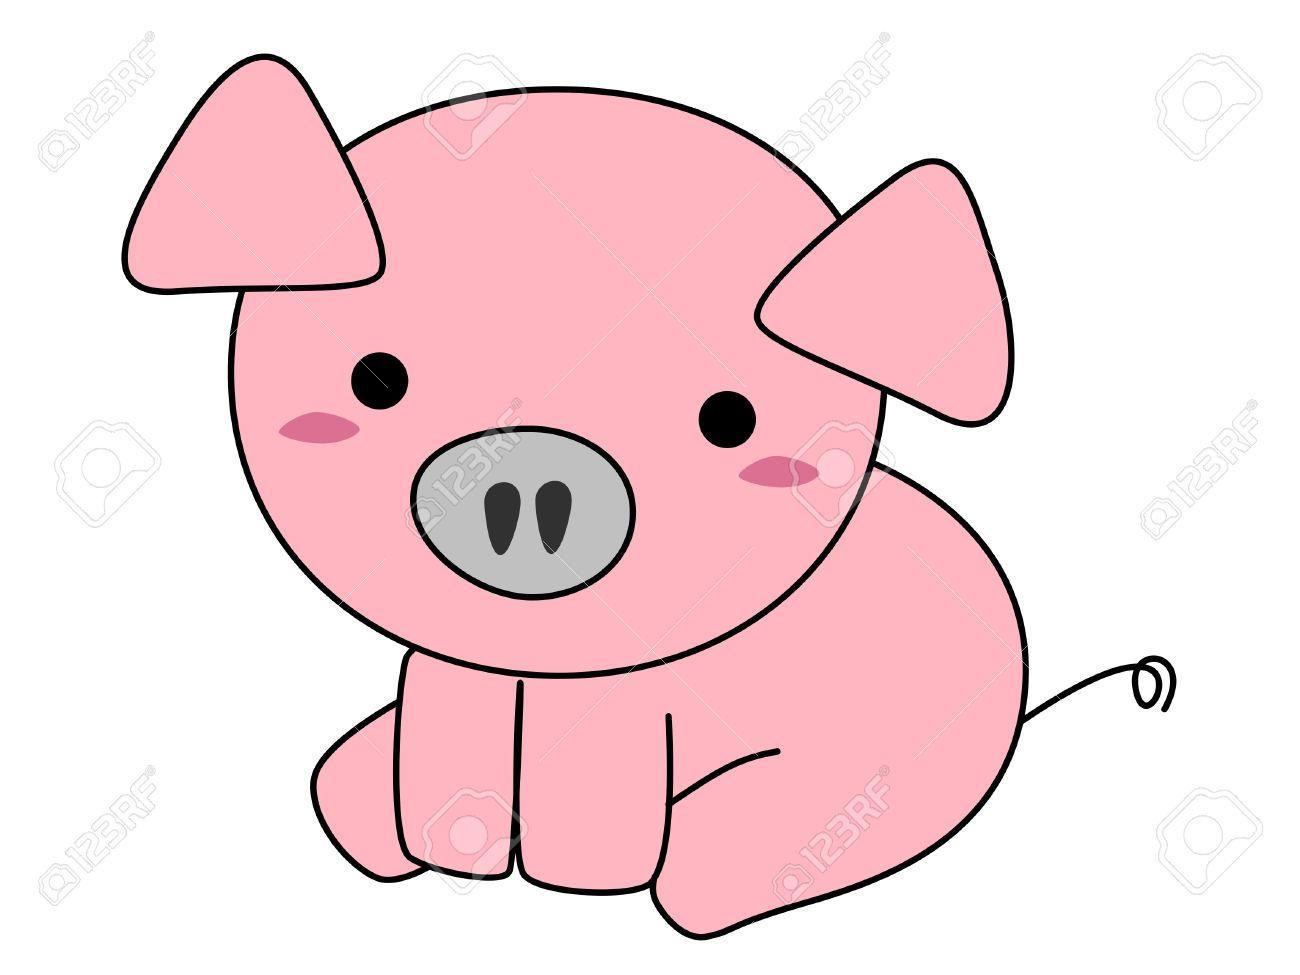 1300x975 Cartoon Pig